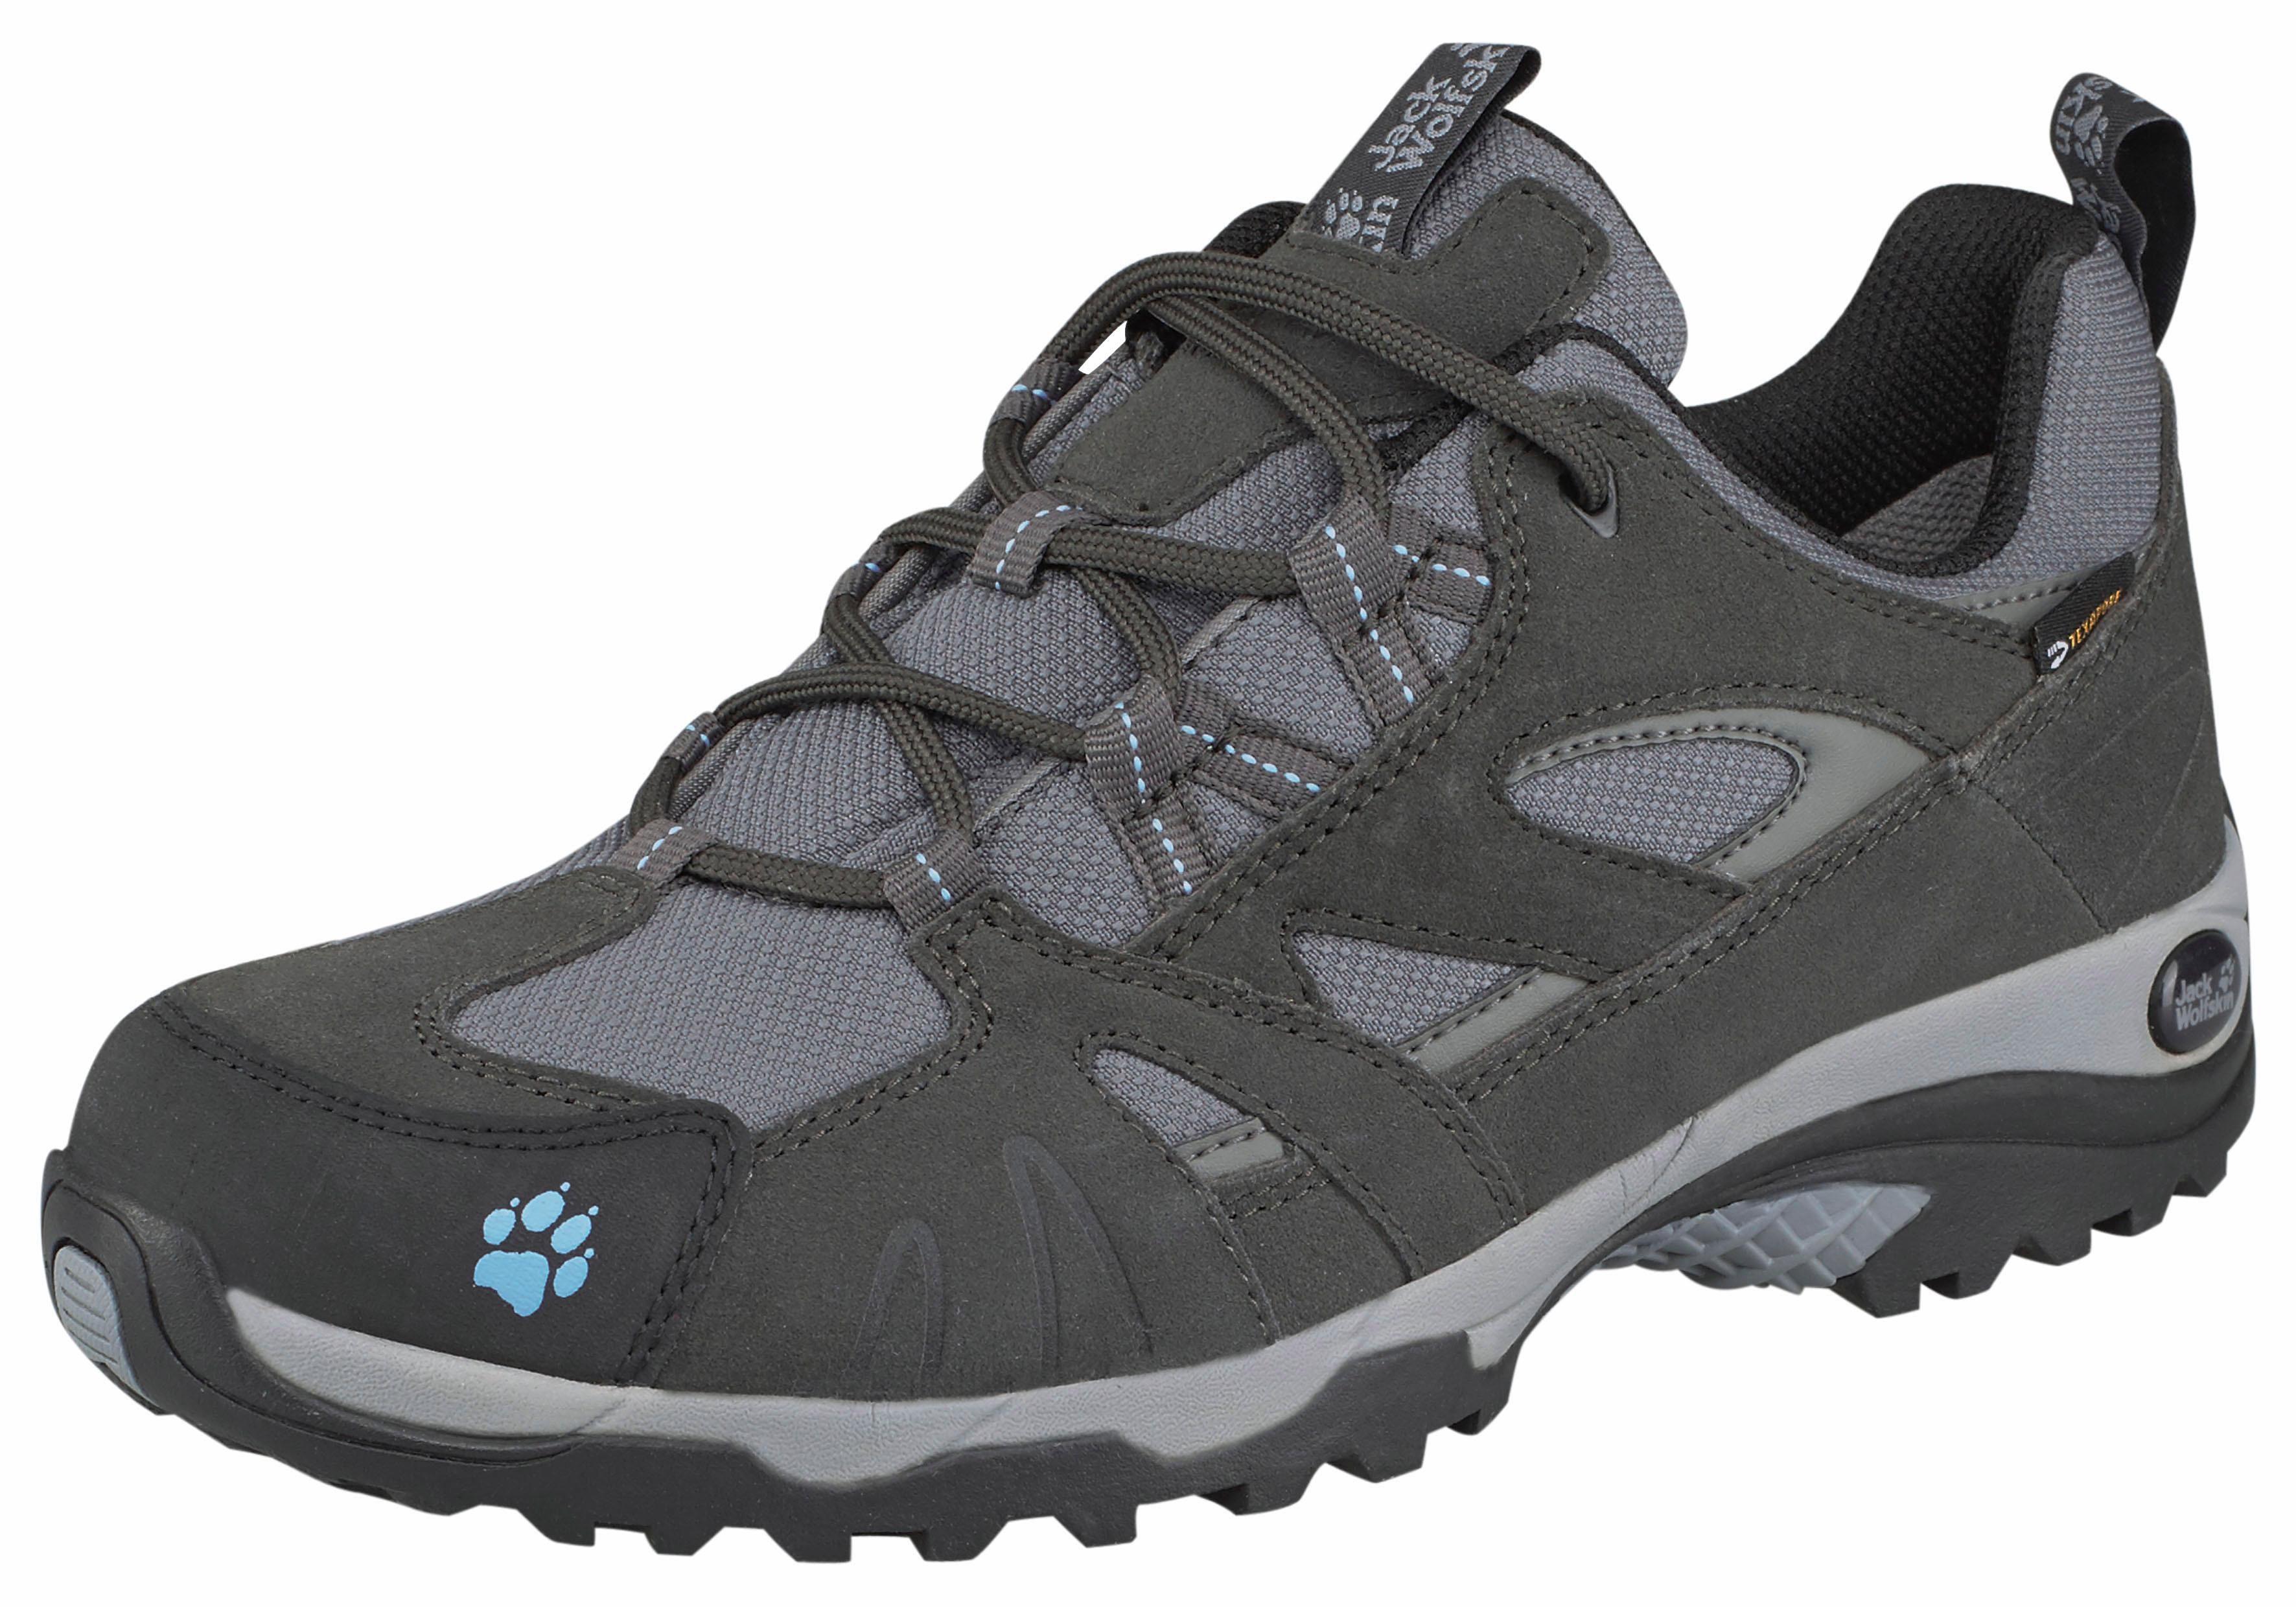 Jack Wolfskin Vojo Hike Texapore Women Outdoorschuh online kaufen  anthrazit-blau